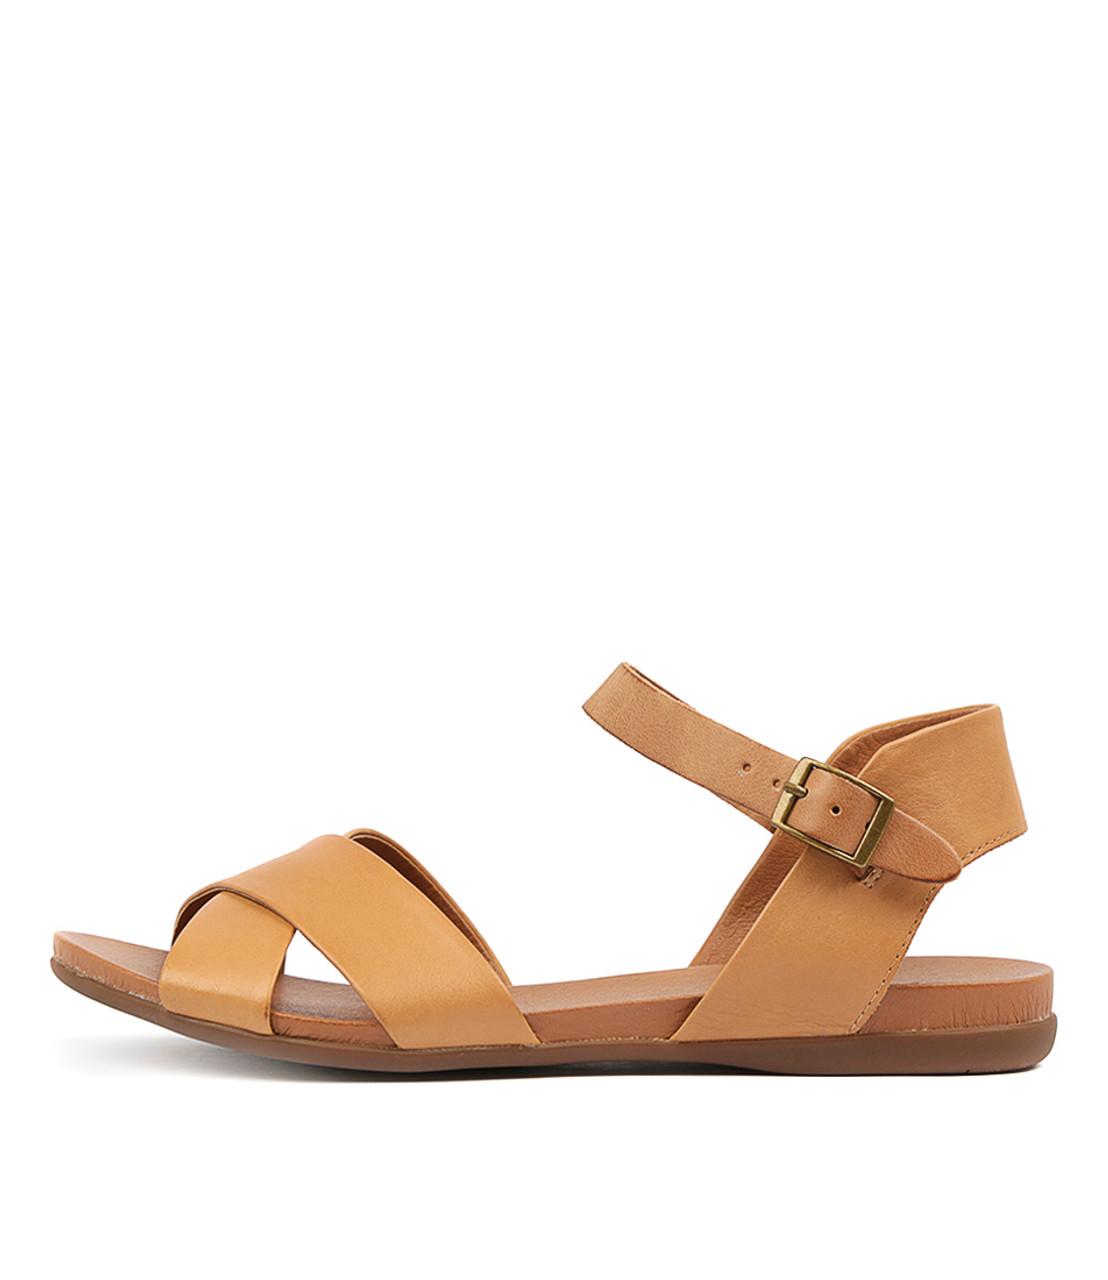 BROSS Sandals Tan Dark Tan Leather Django and Juliette